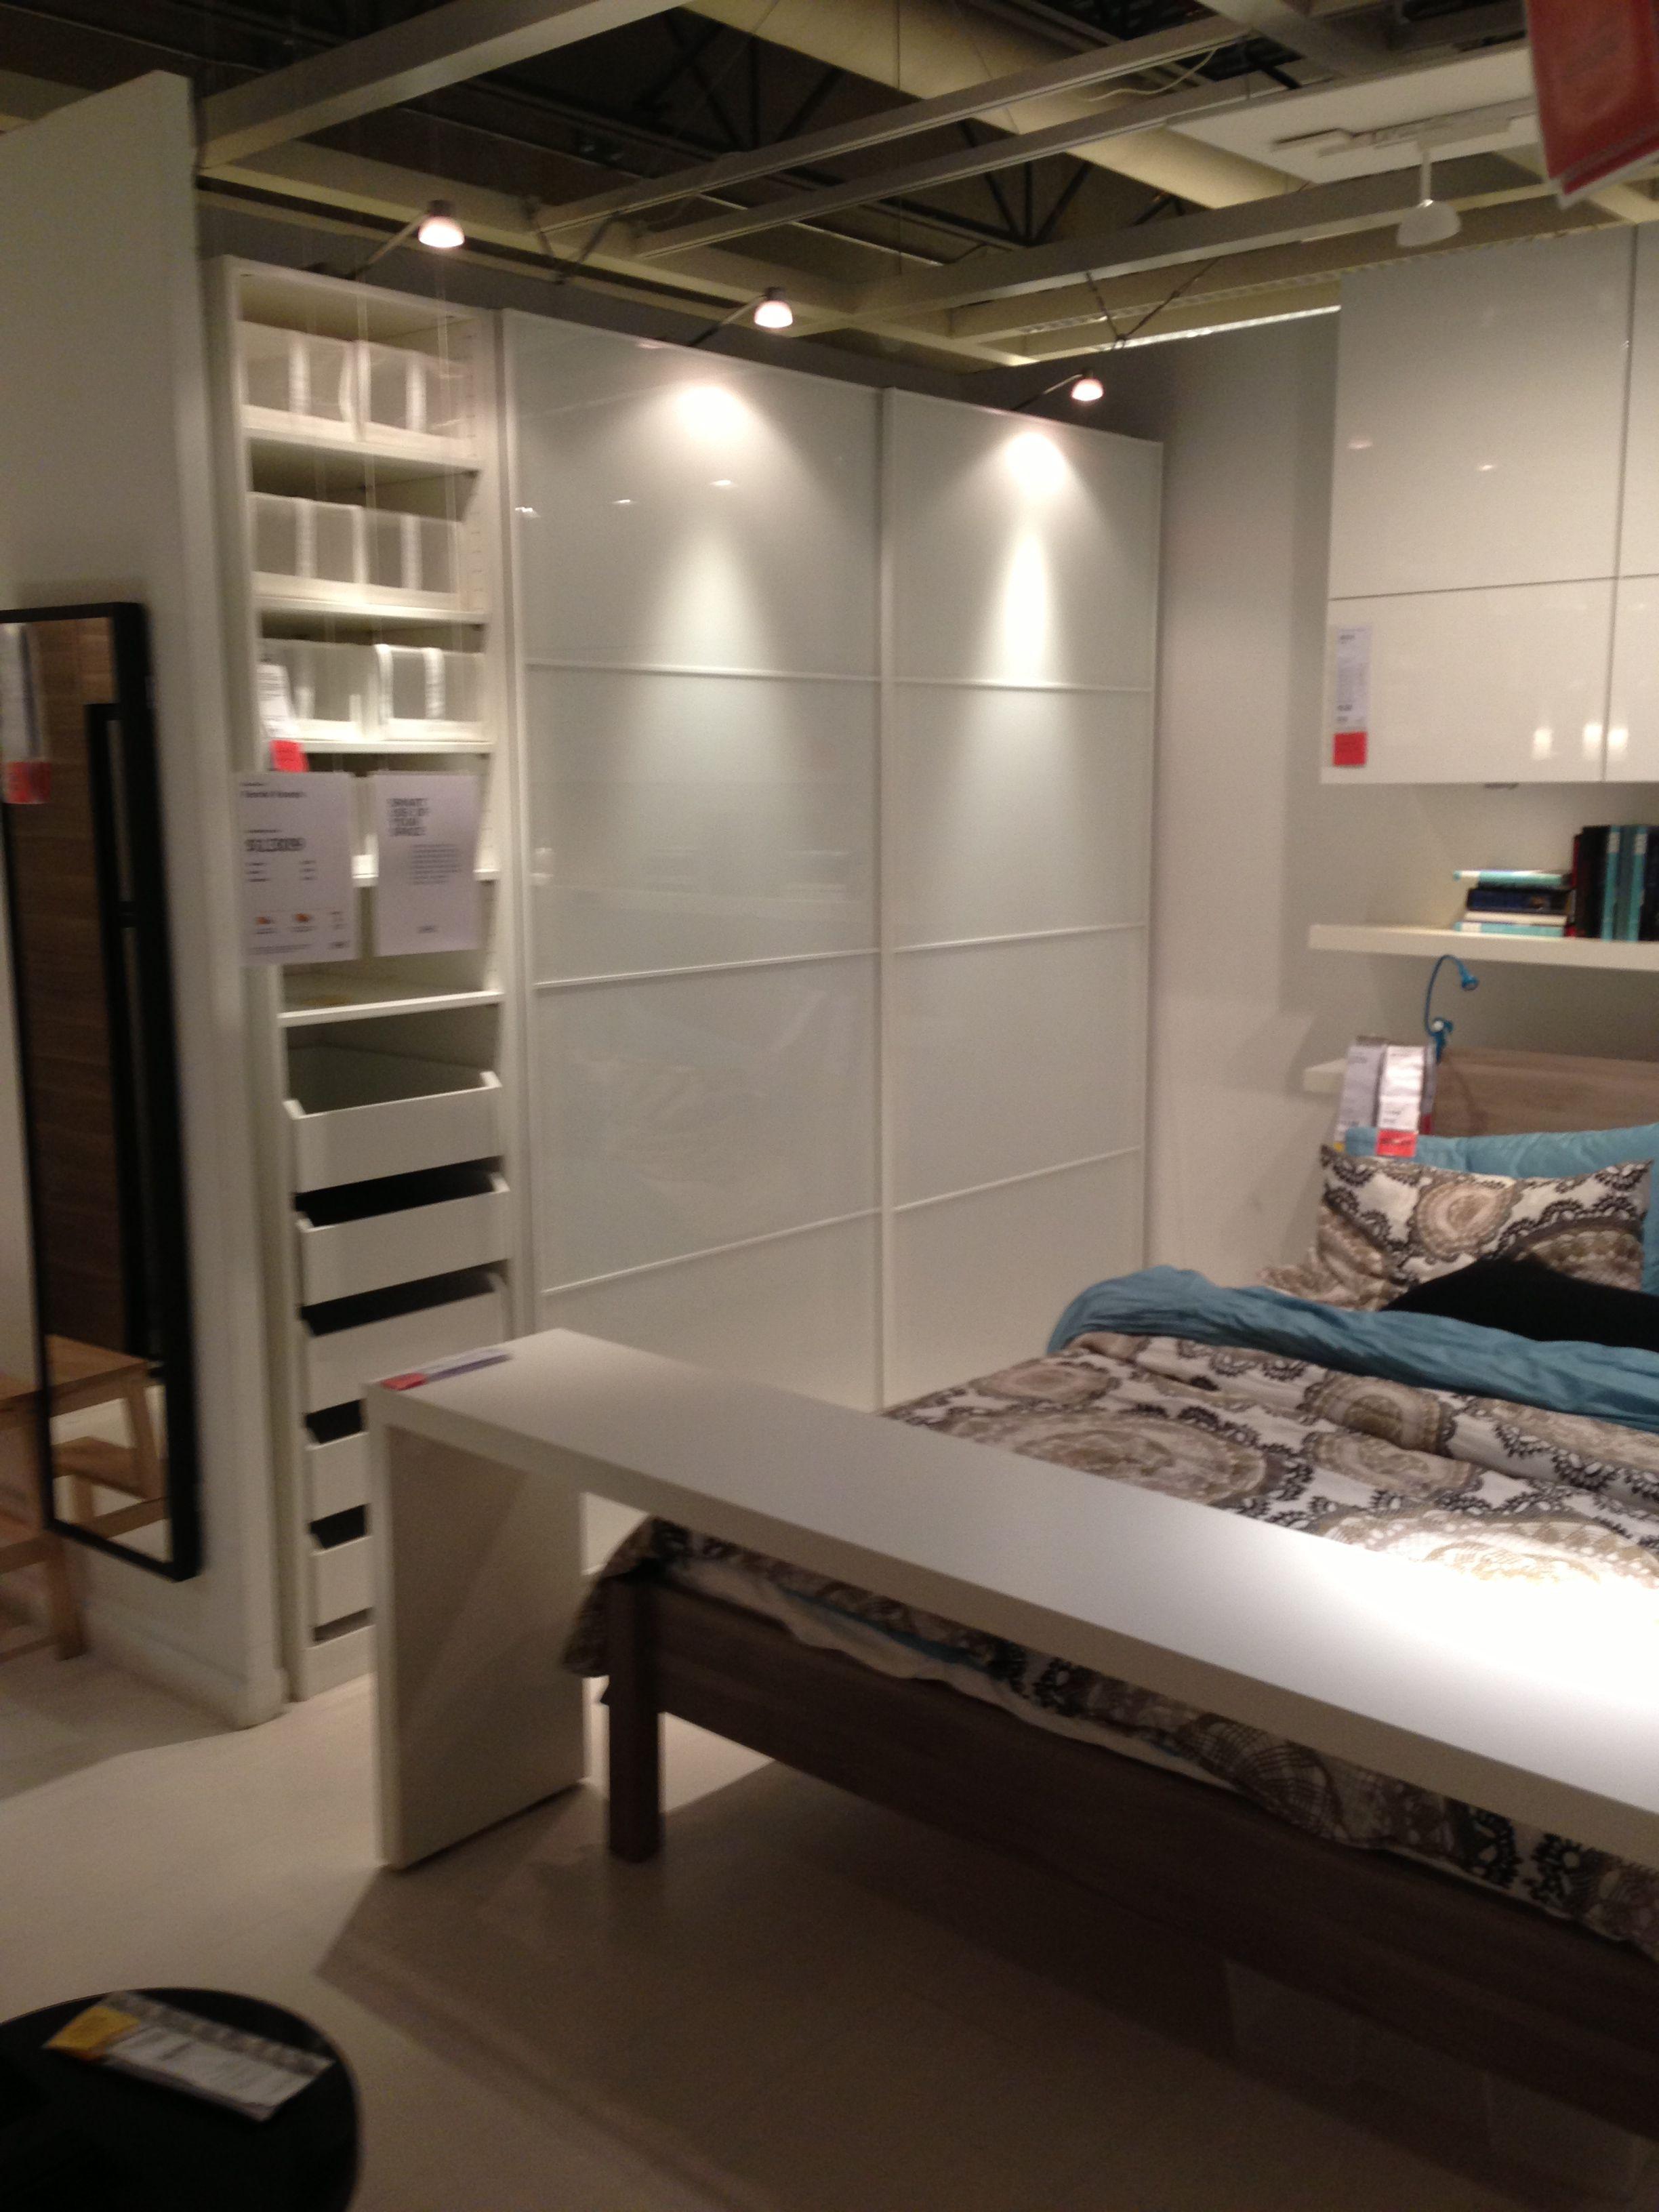 Apartment: 380 Sq Ft Studio Apartment